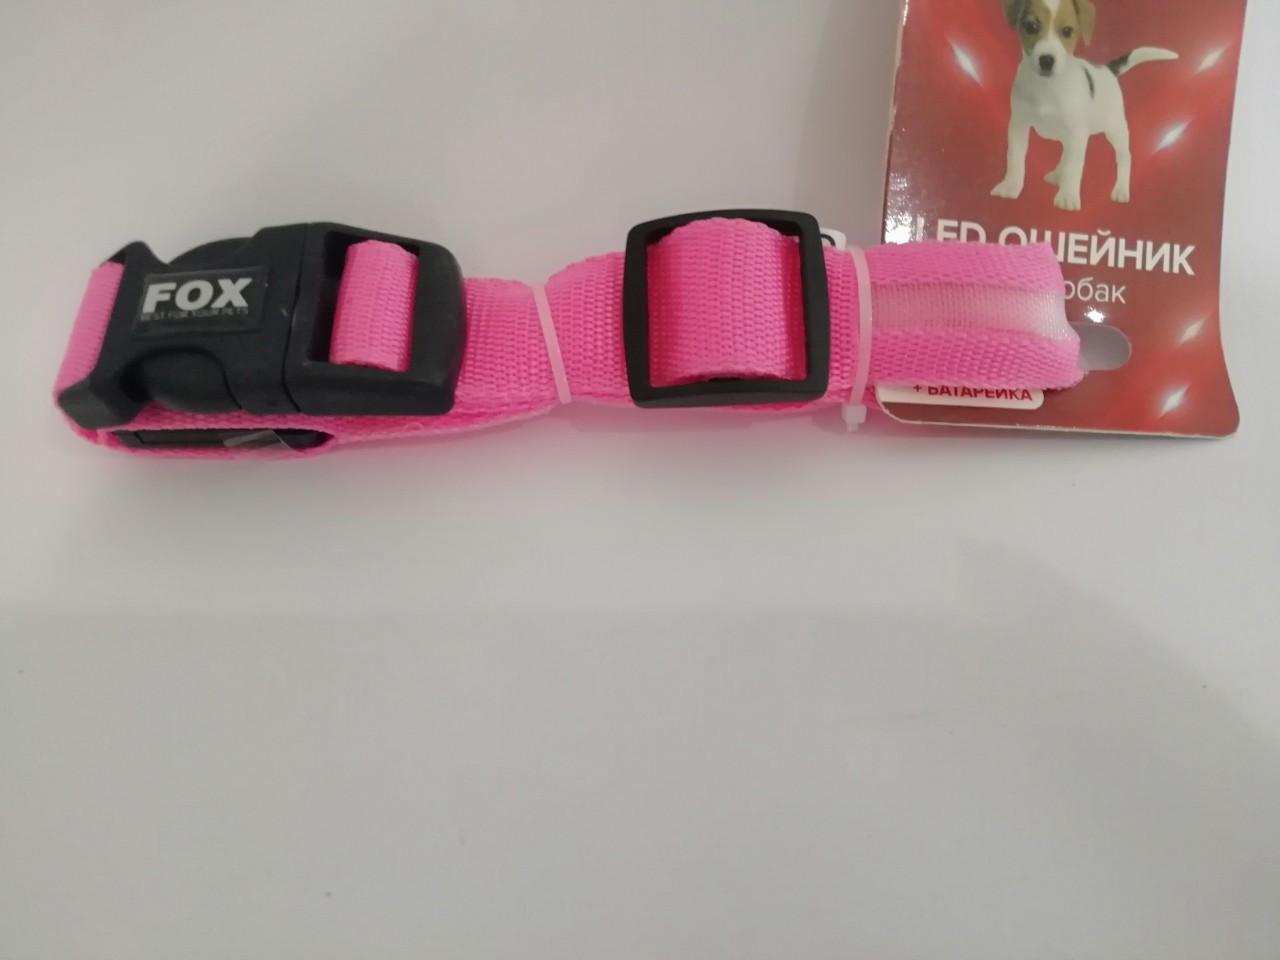 Нашийник Fox LED PINK L Фокс Світлодіодний Рожевий L (48-60 см) ширина 2,5 см